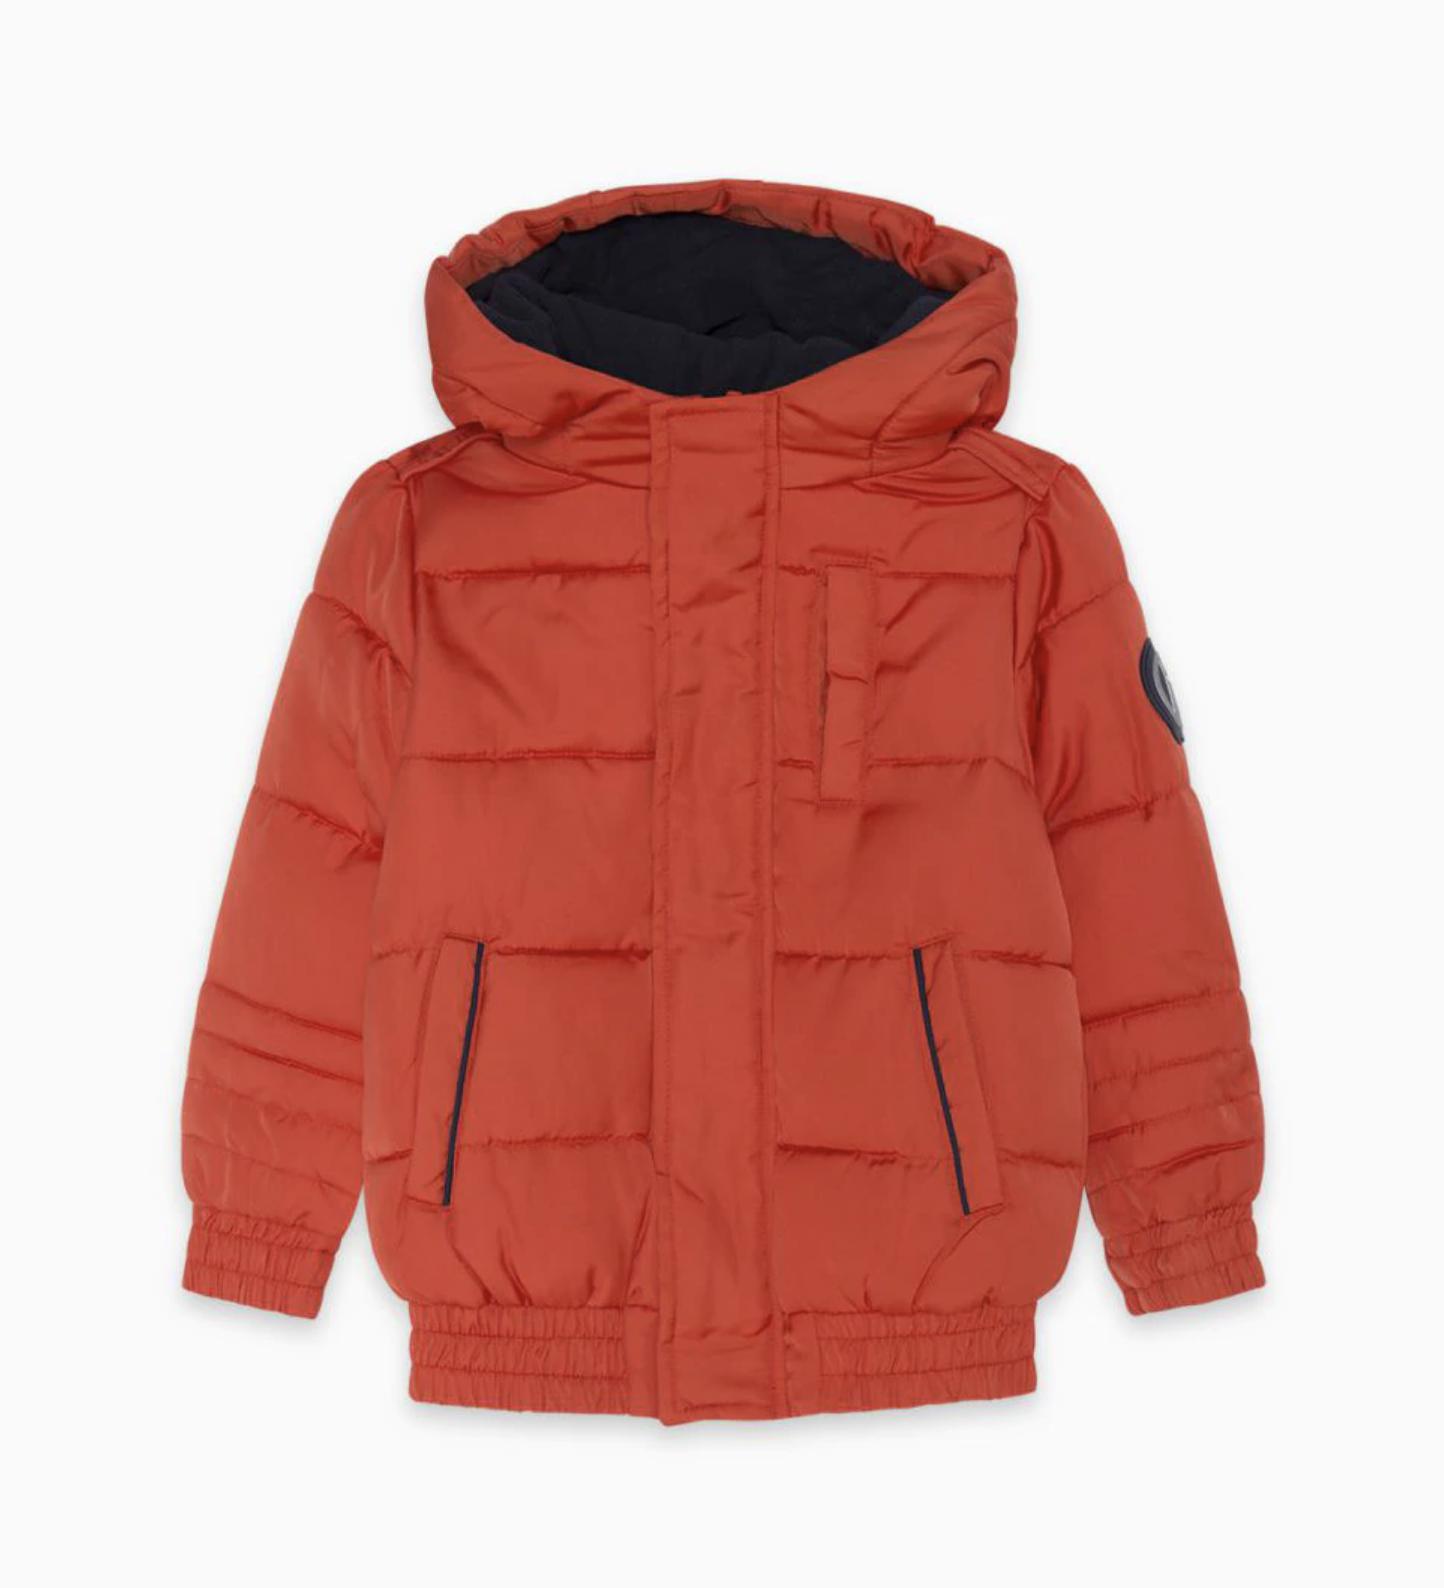 Plumífero de niño con capucha en color naranja